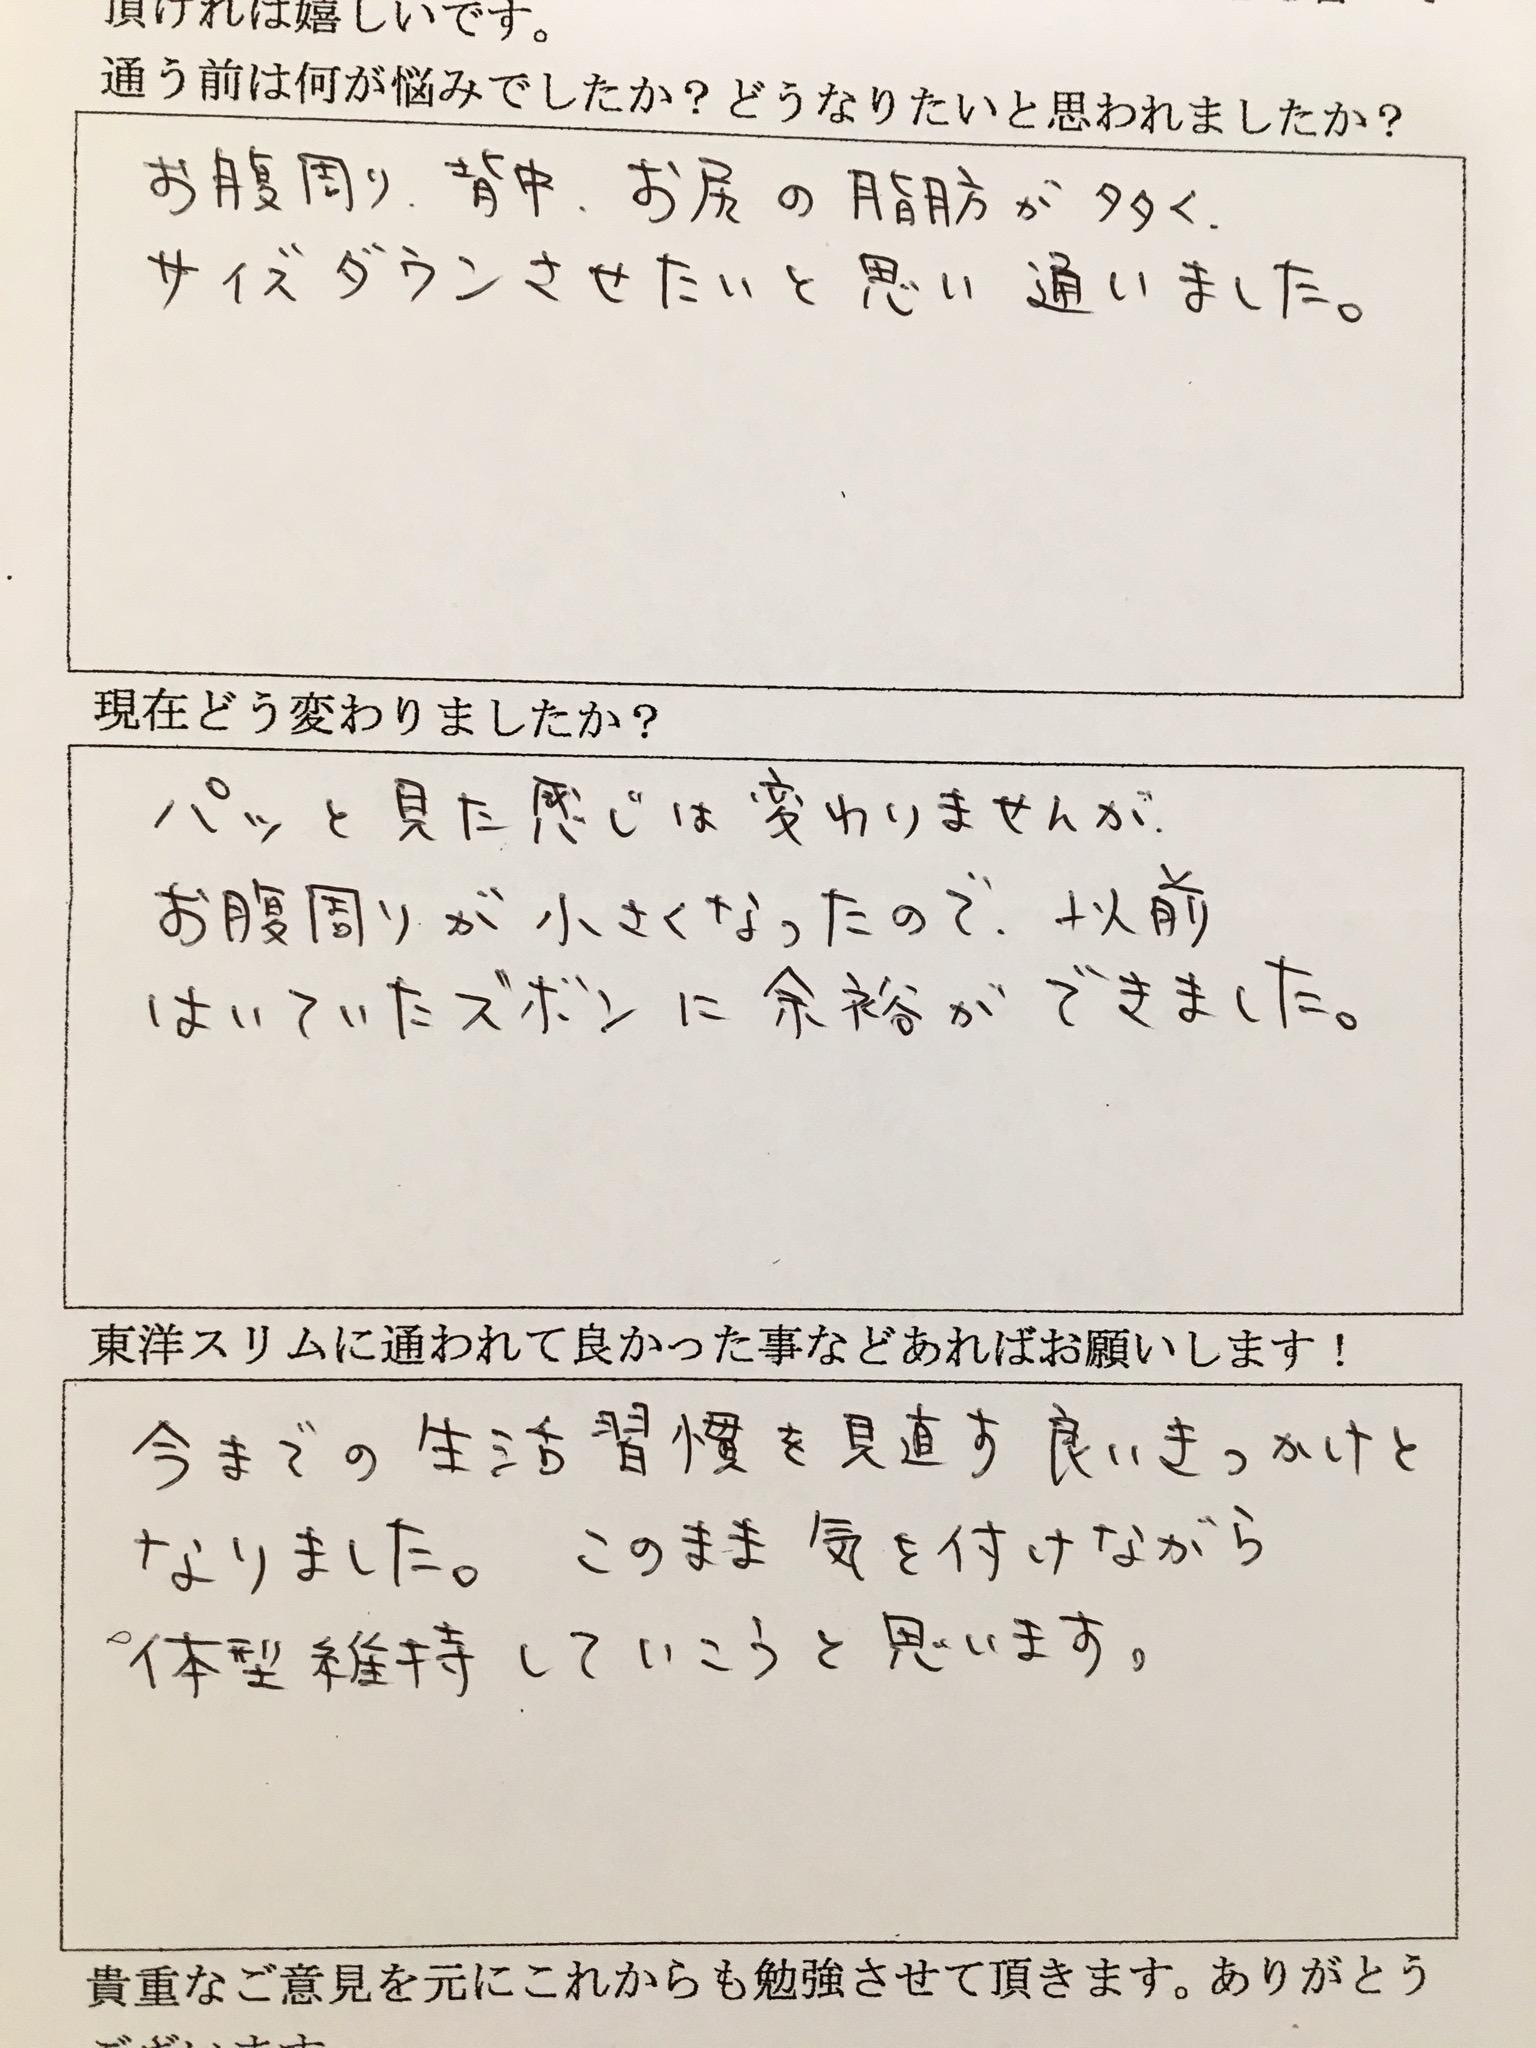 [皆様の声]大阪府八尾市Kさん(40代)耳つぼ痩身法-5kgダイエット。体脂肪率24%に。